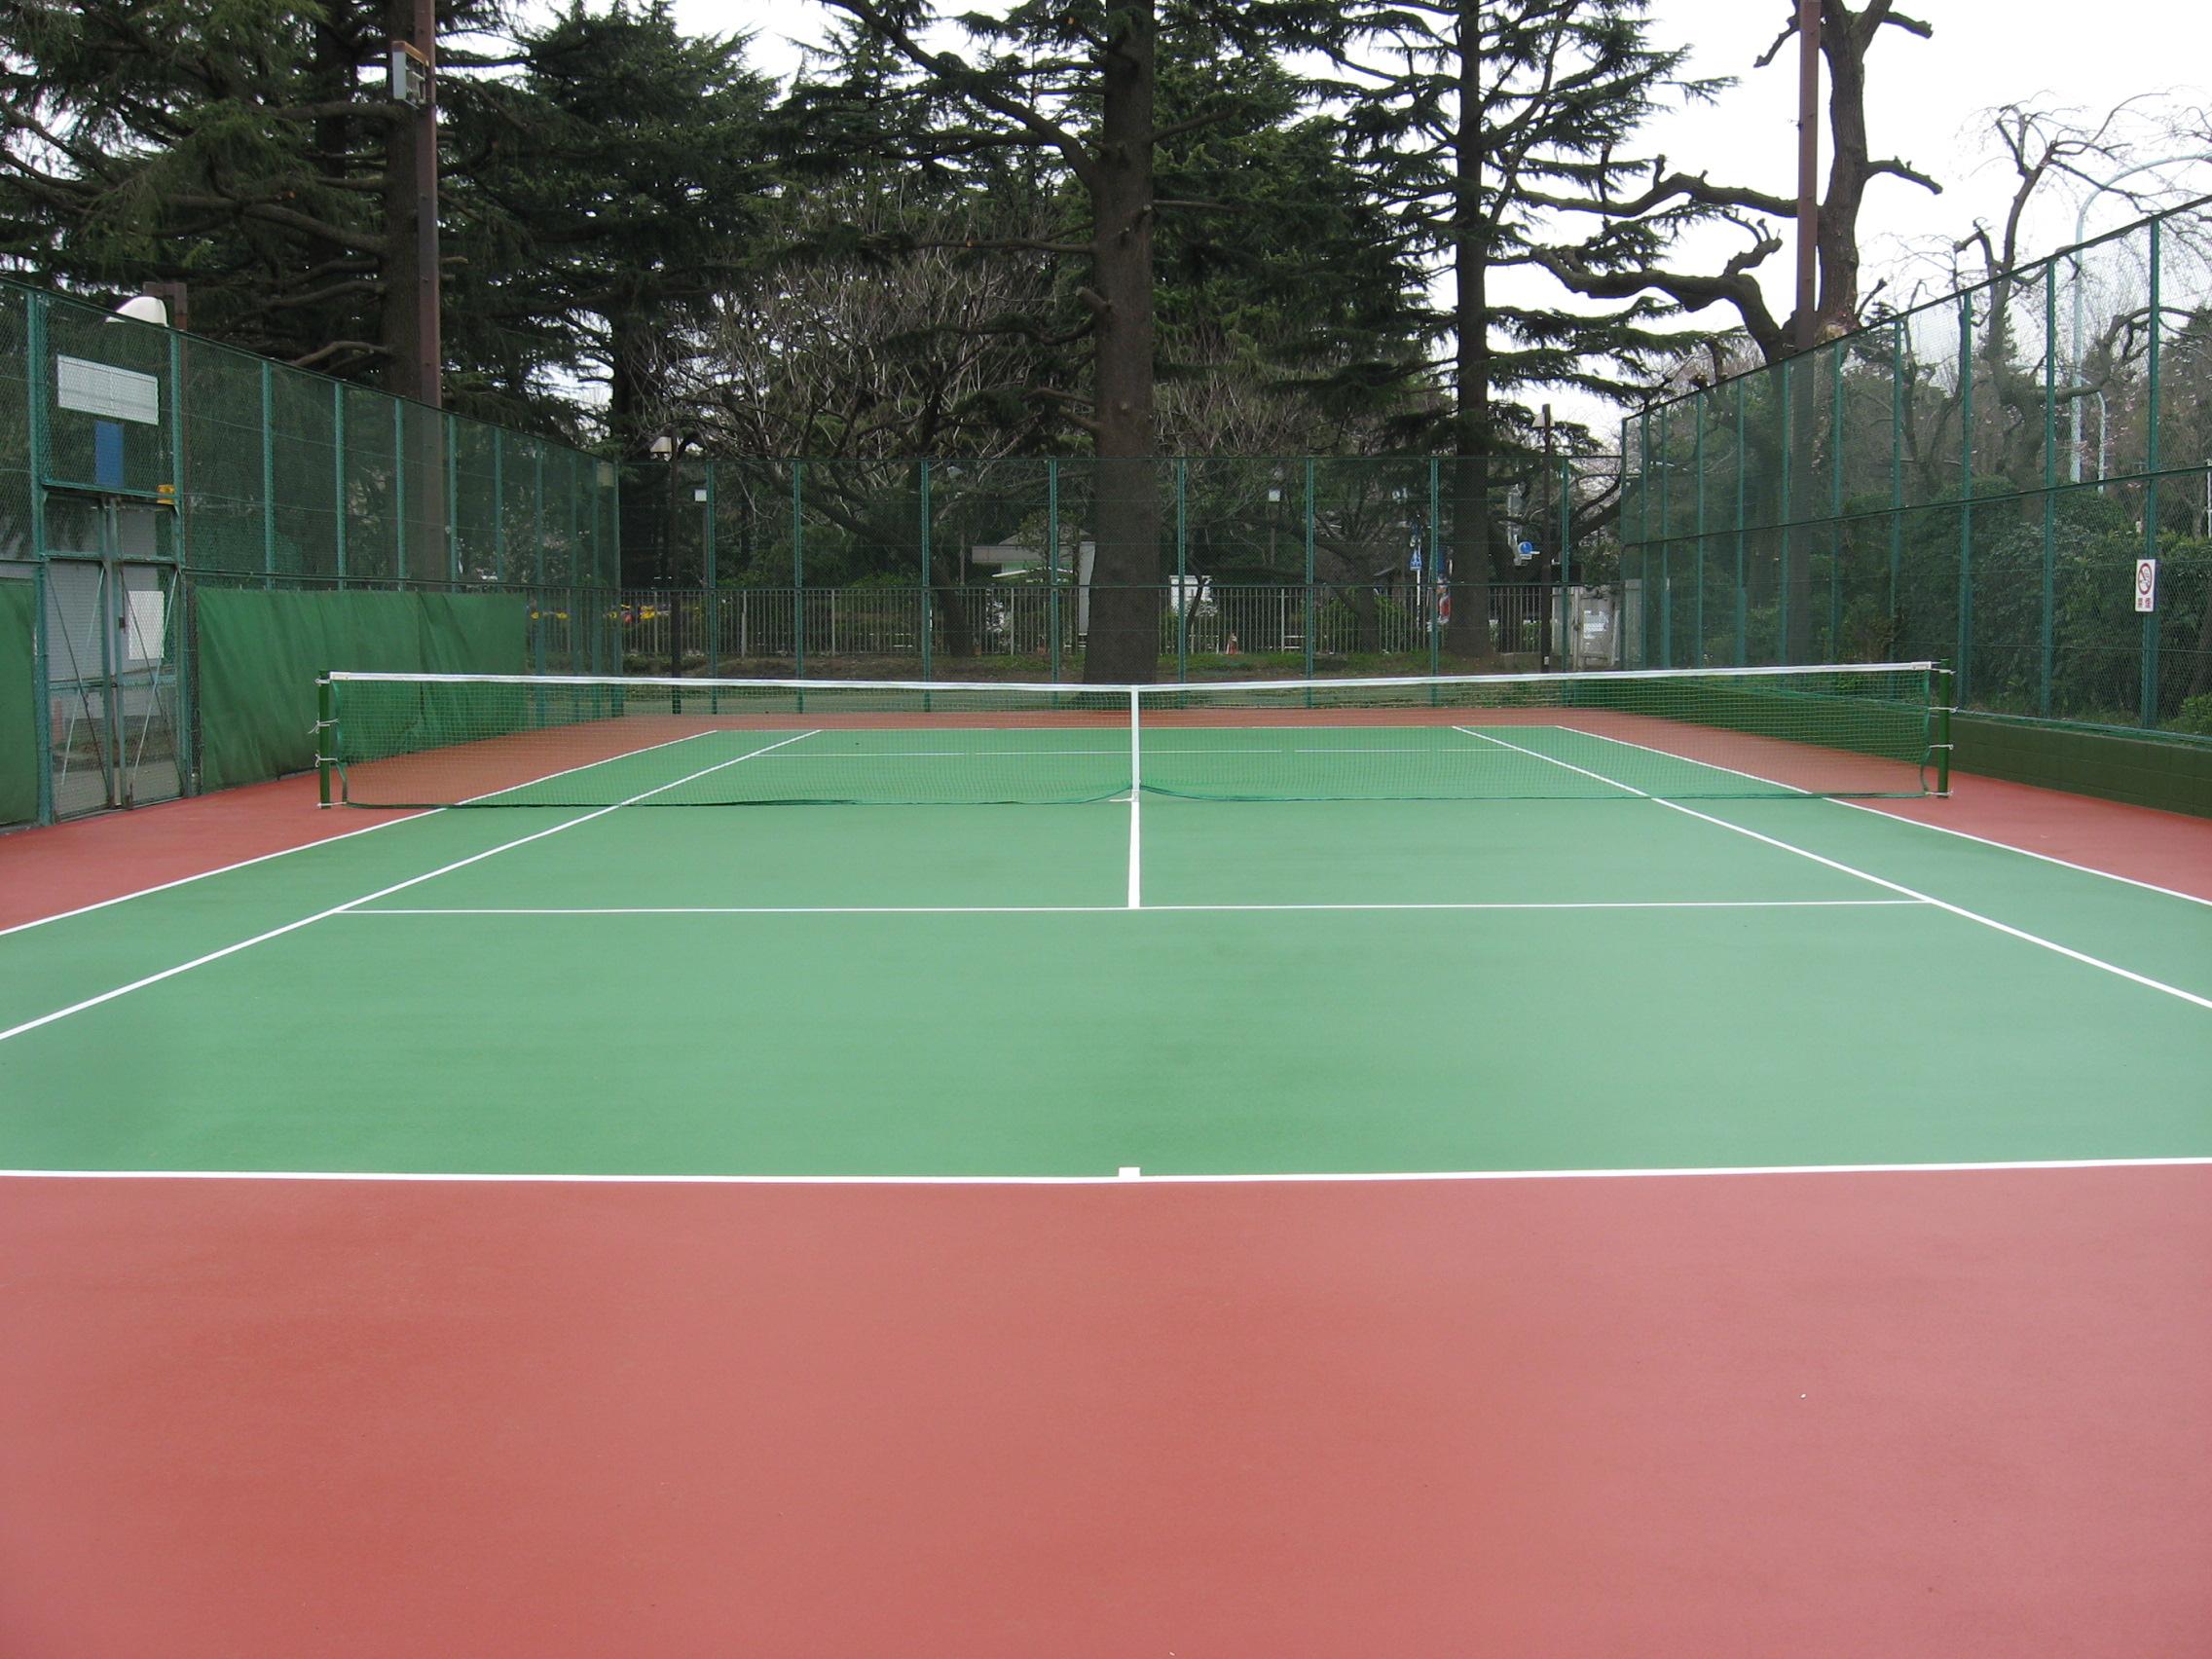 クラブ 外苑 テニス 明治 神宮 明治神宮外苑テニススクール